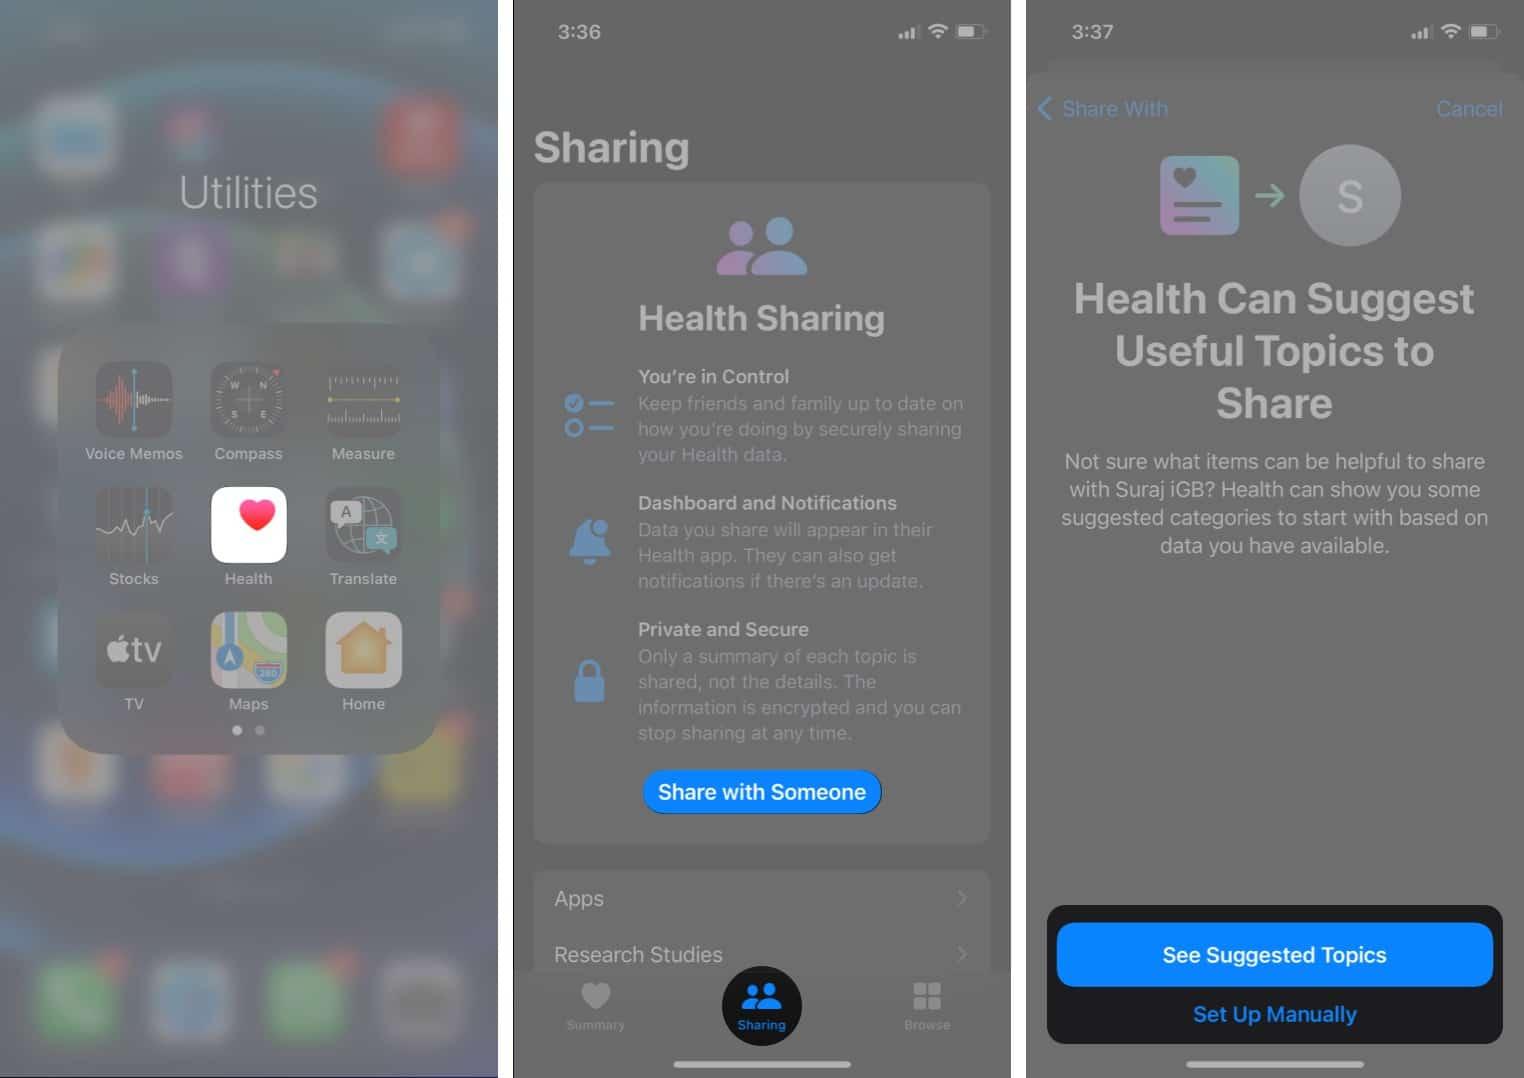 So aktivieren Sie die Freigabe von Apple-Gesundheitsdaten unter iOS 15